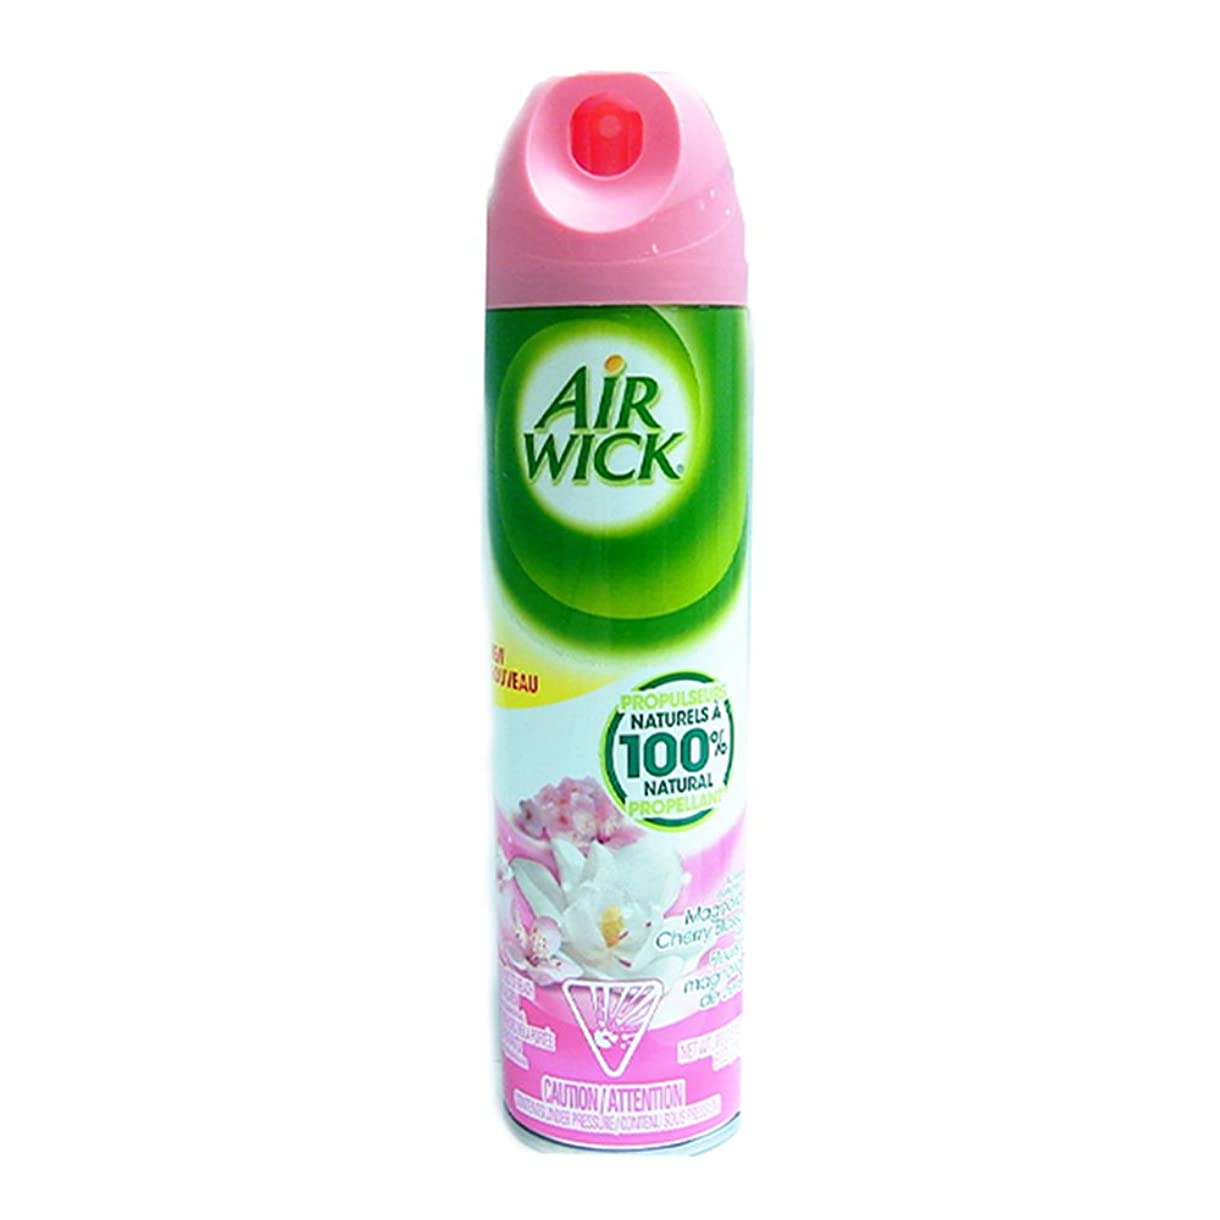 スポーツマンアプライアンスワンダーAir Wick Air Freshener 4?in 1?Magnolia and Cherry Blossom (226g) 8778976